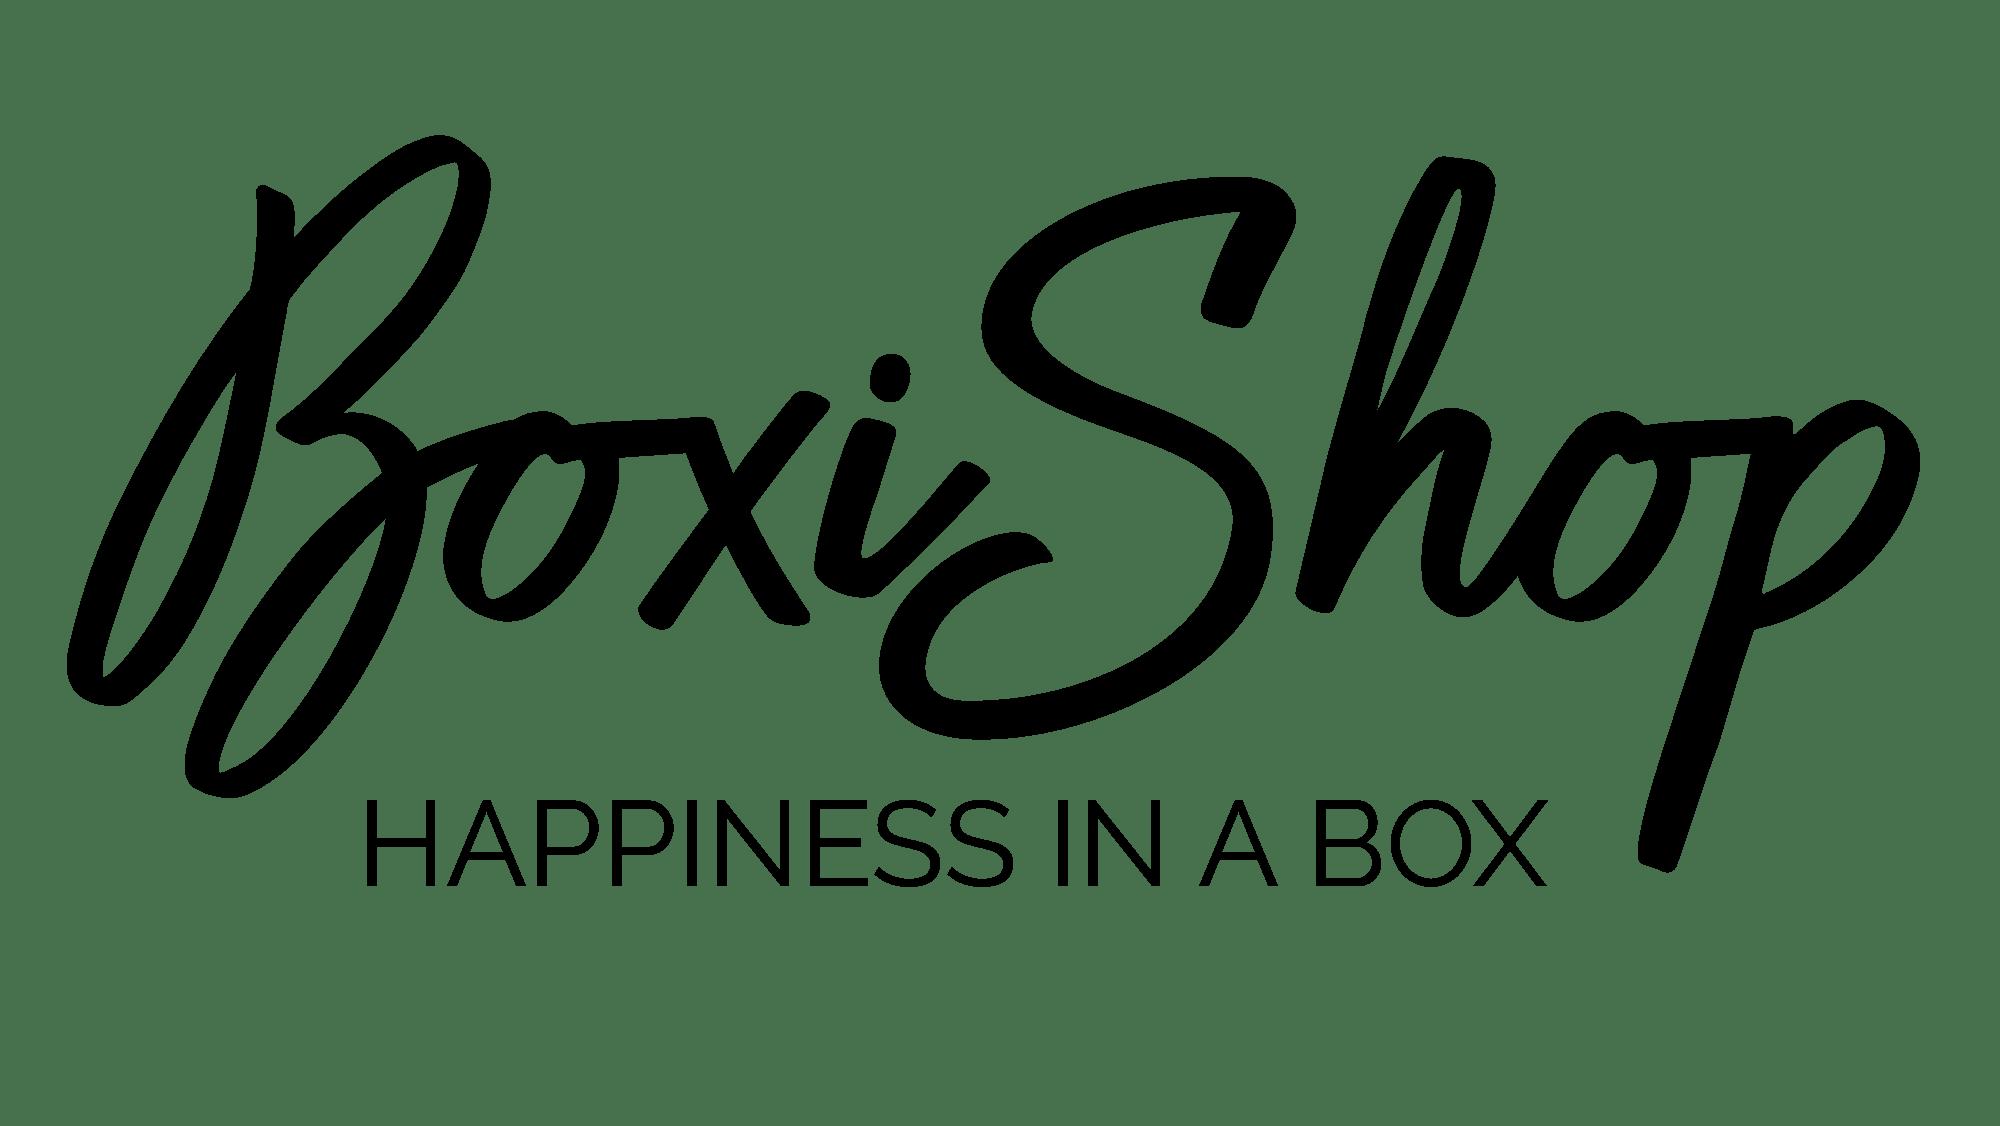 BoxiShop